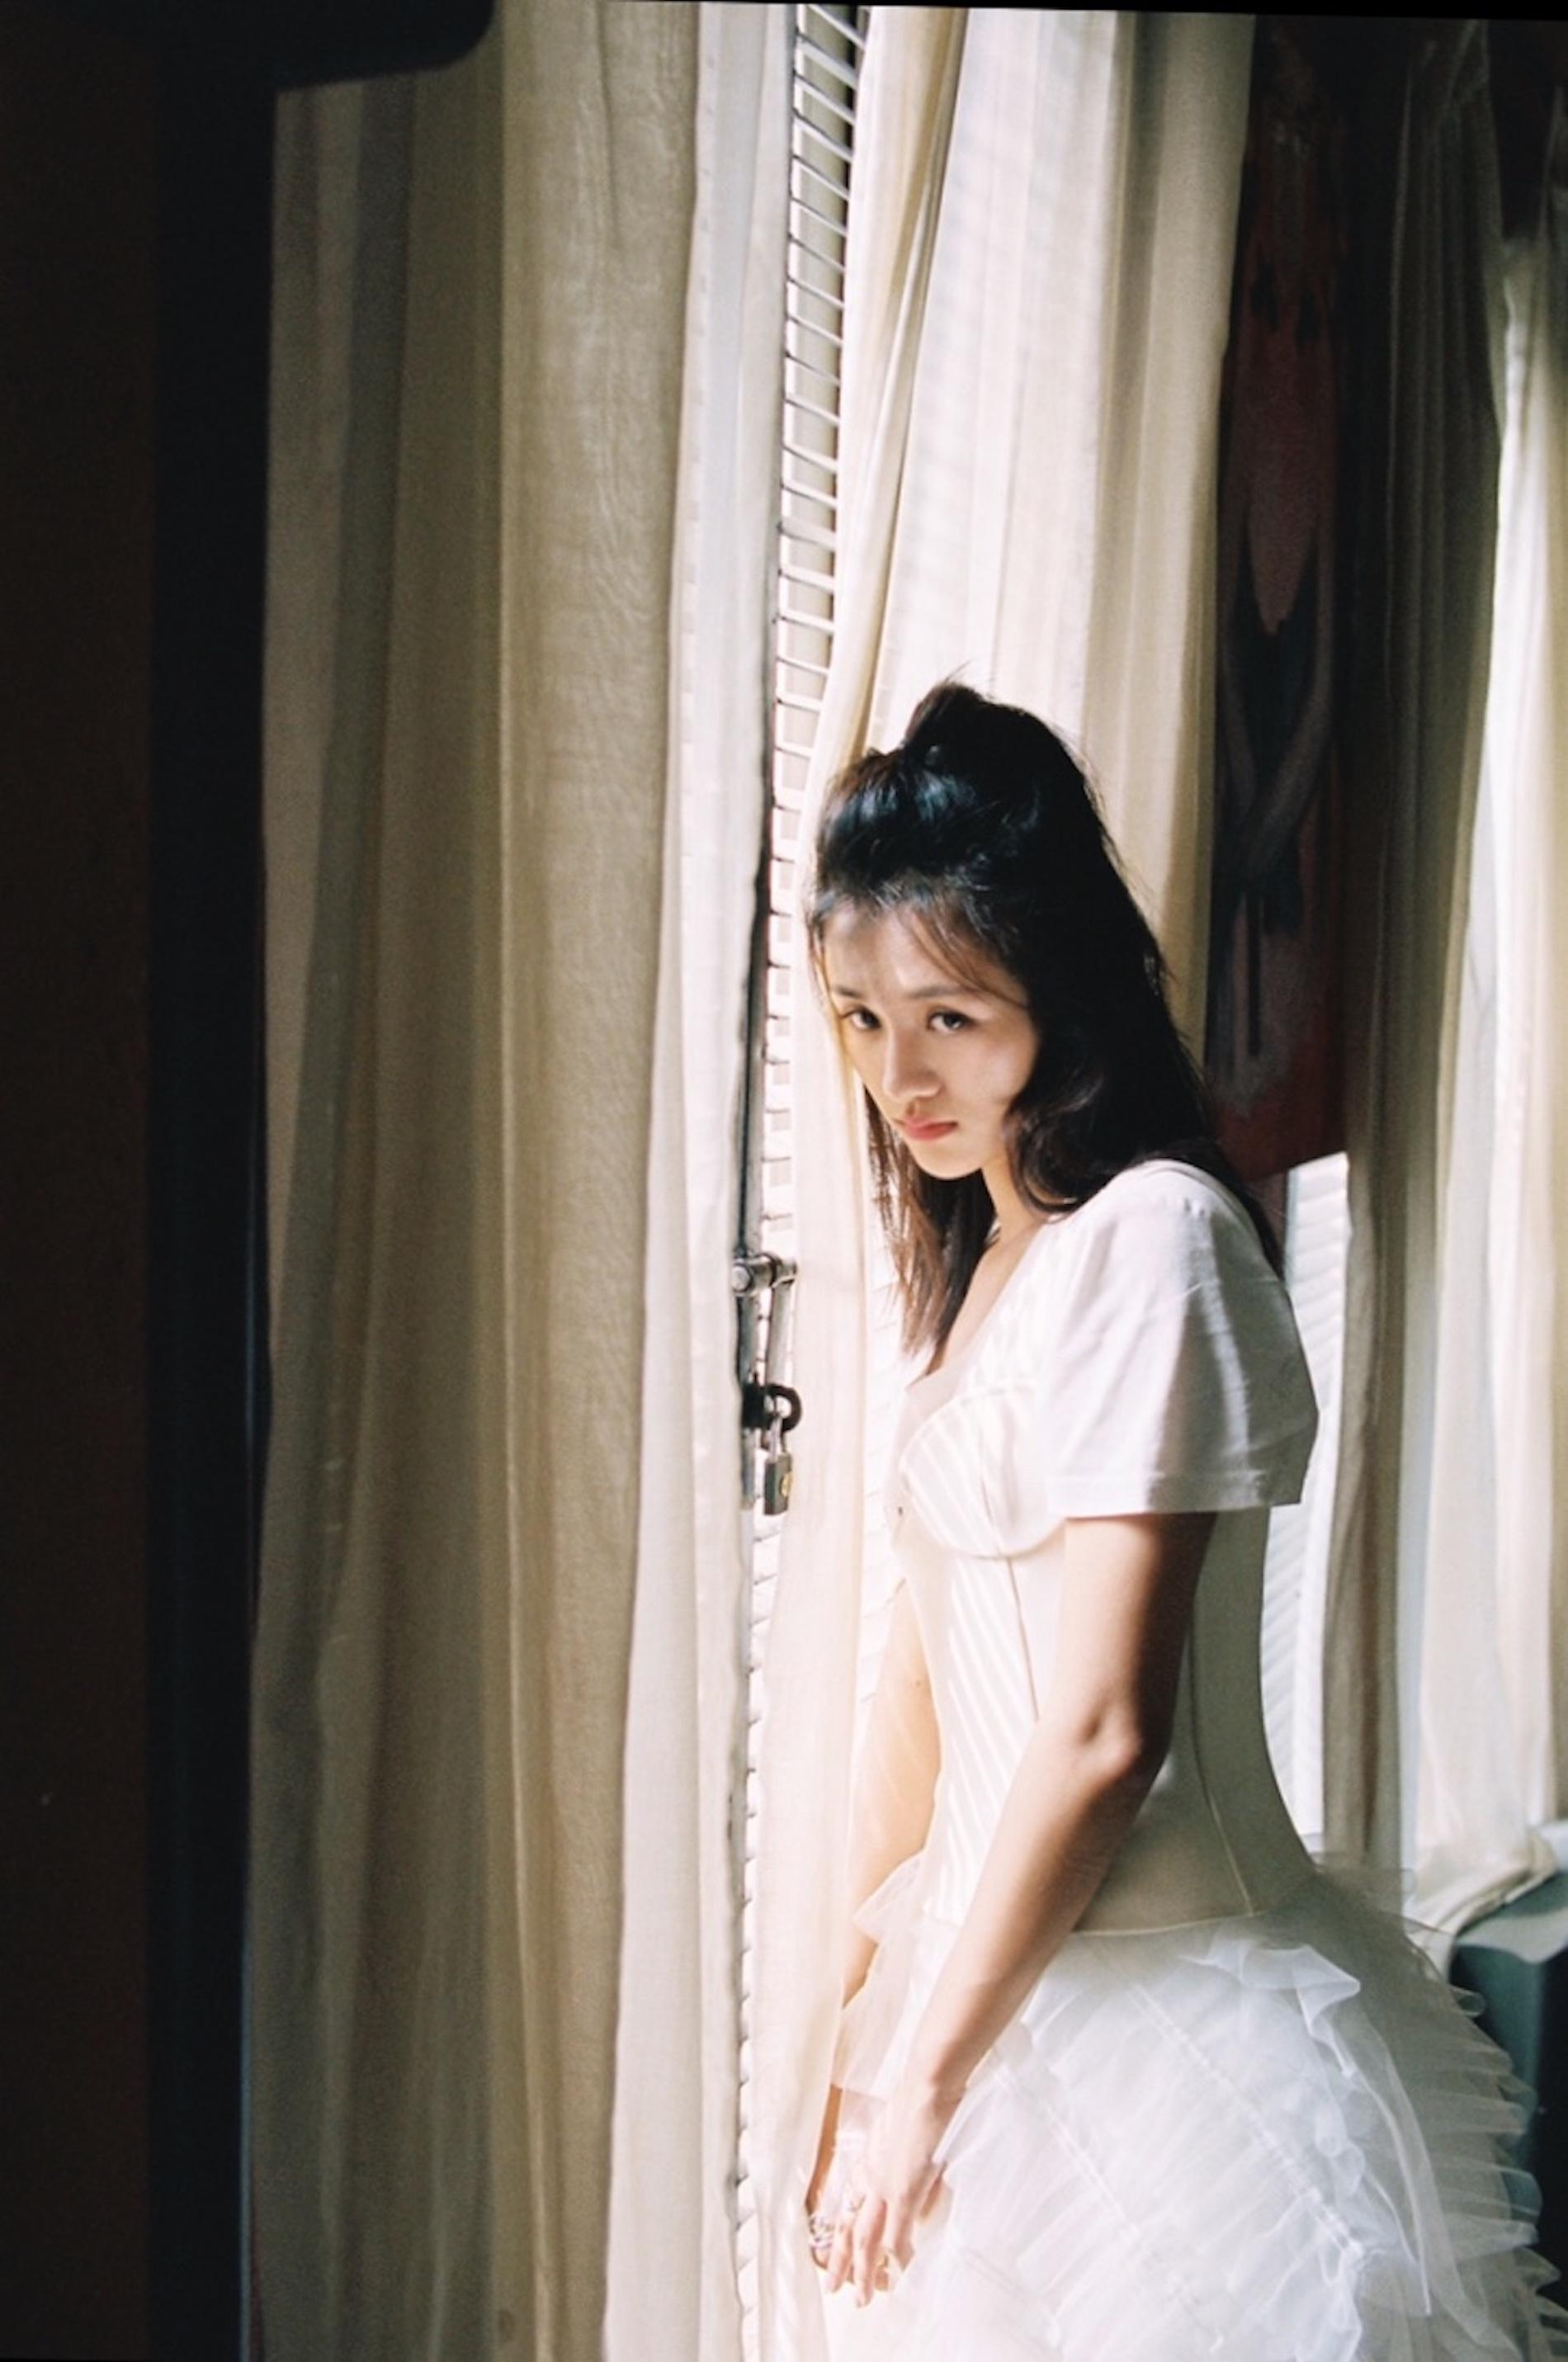 安悦溪复古胶片曝光 (6).jpg